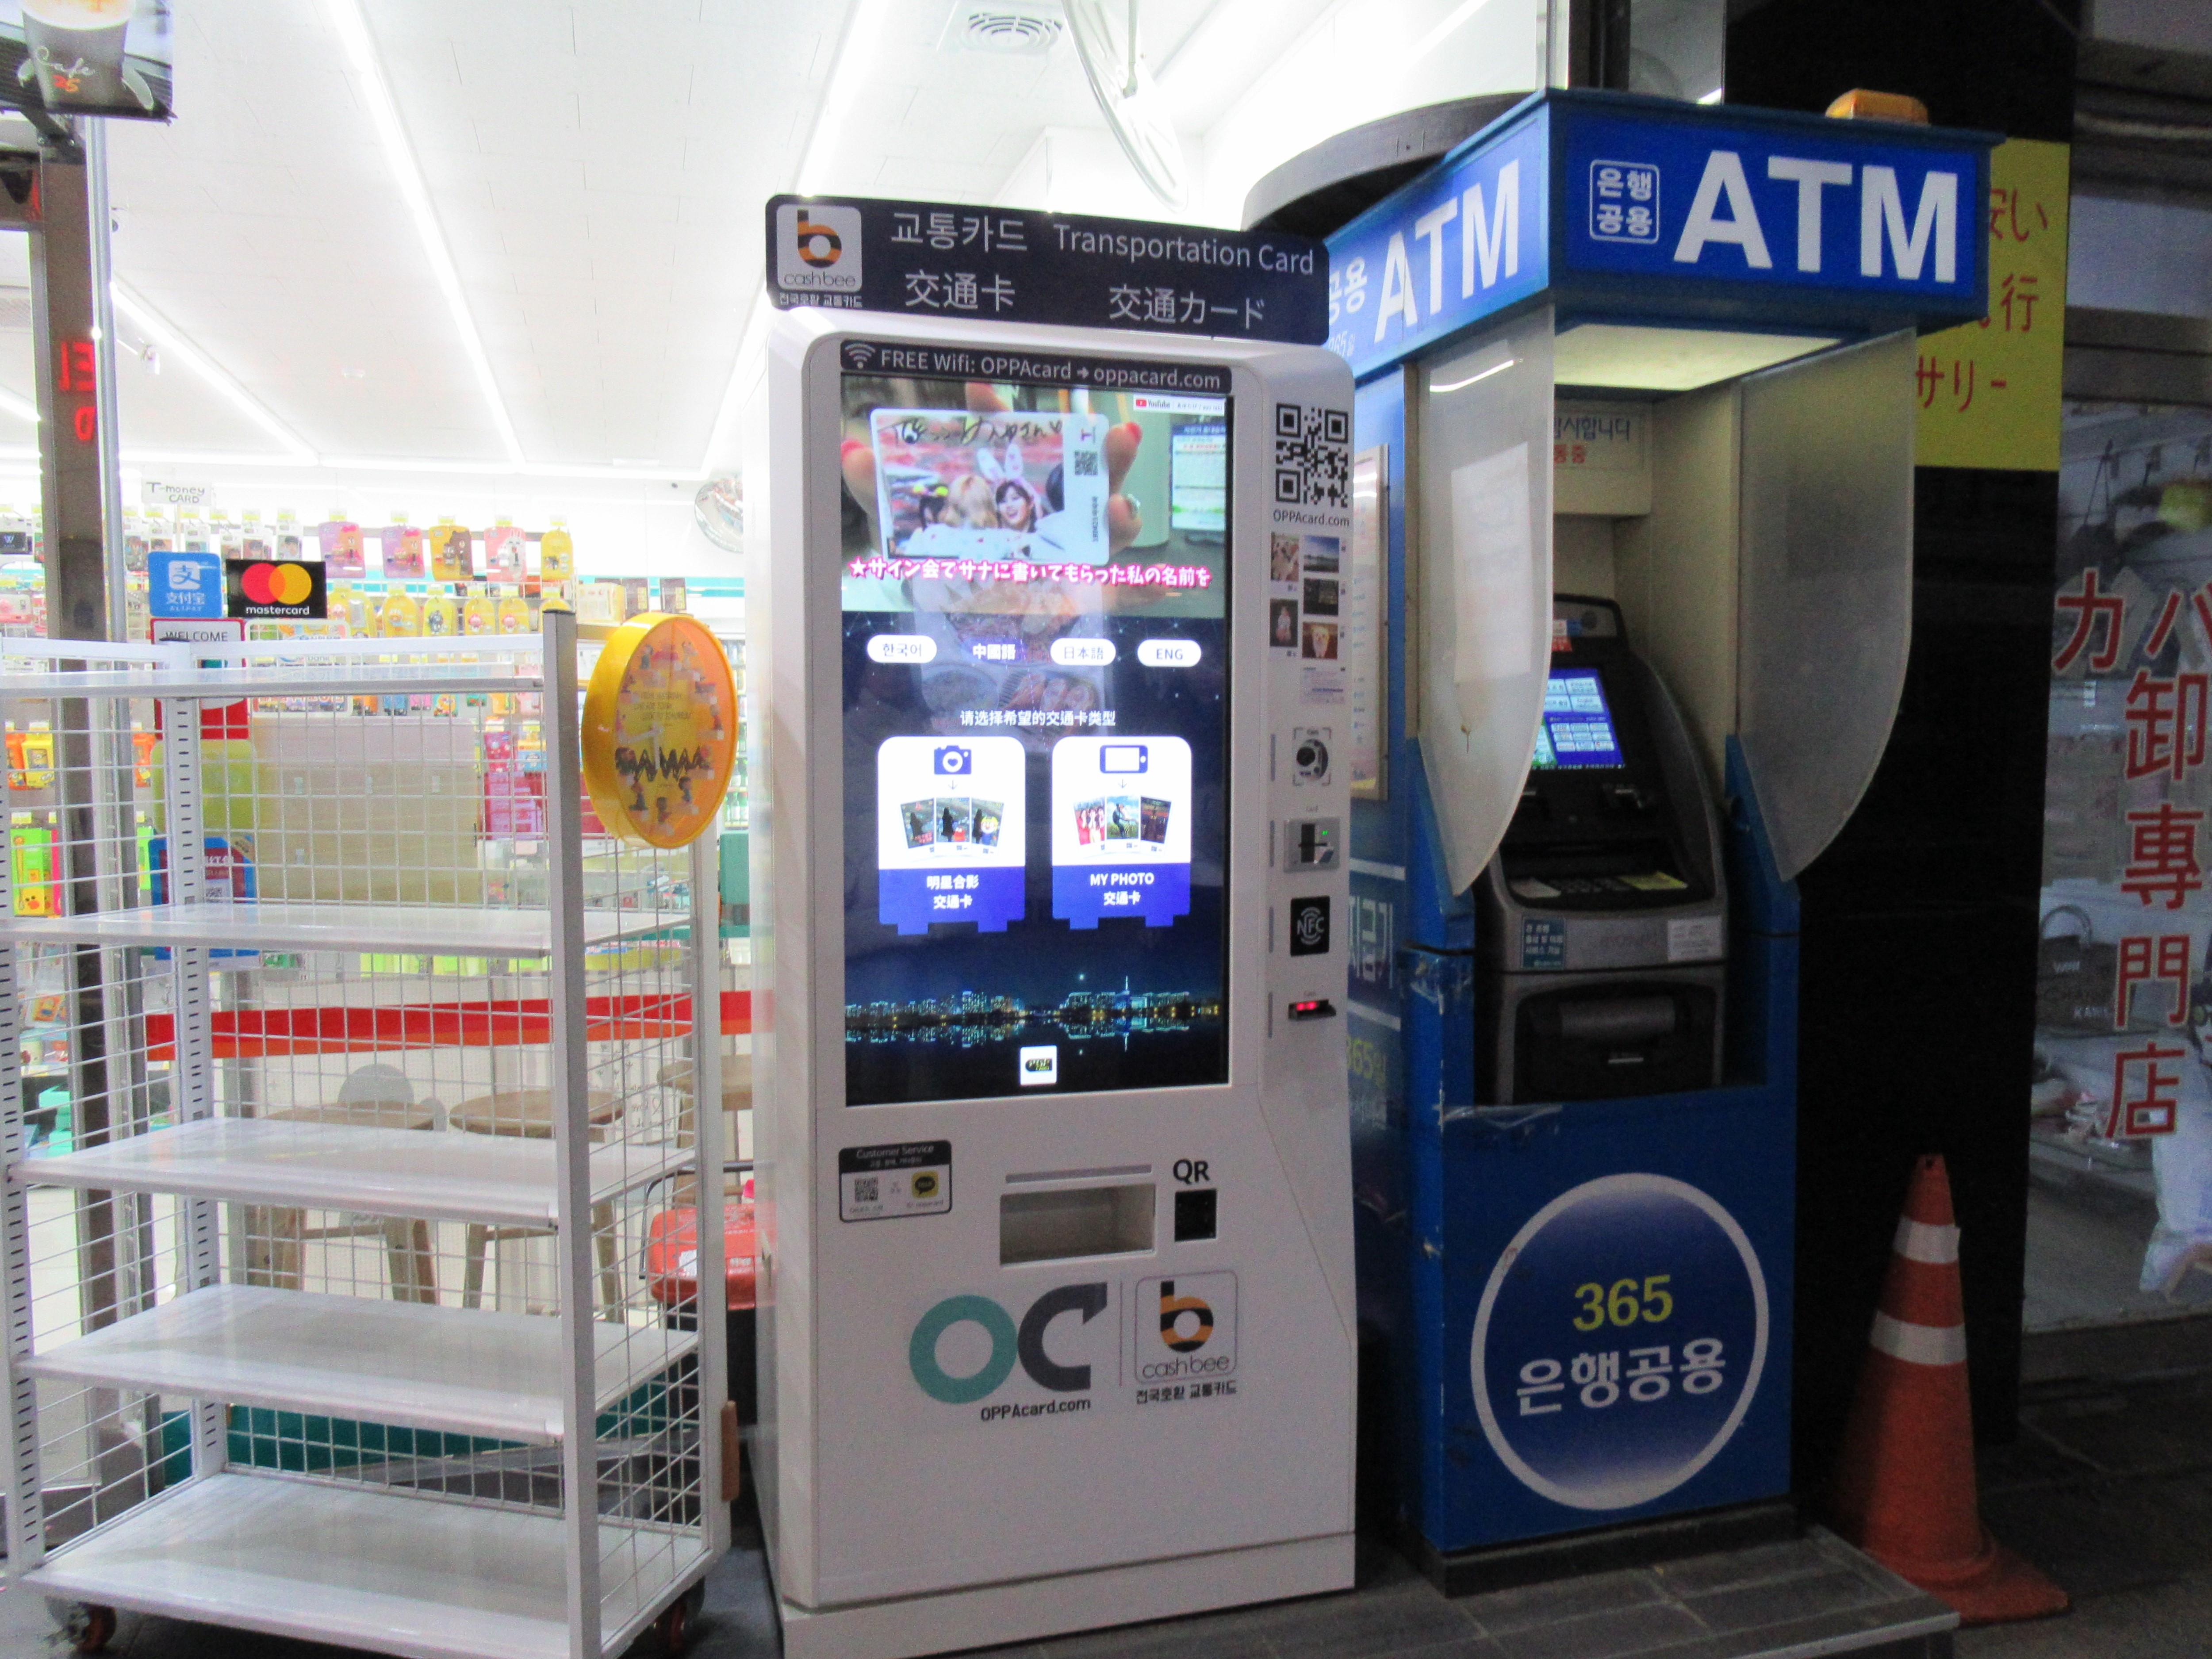 明洞で発見!自分だけのT-money(交通カード)を作る機械と使い方|韓国ブログ旅